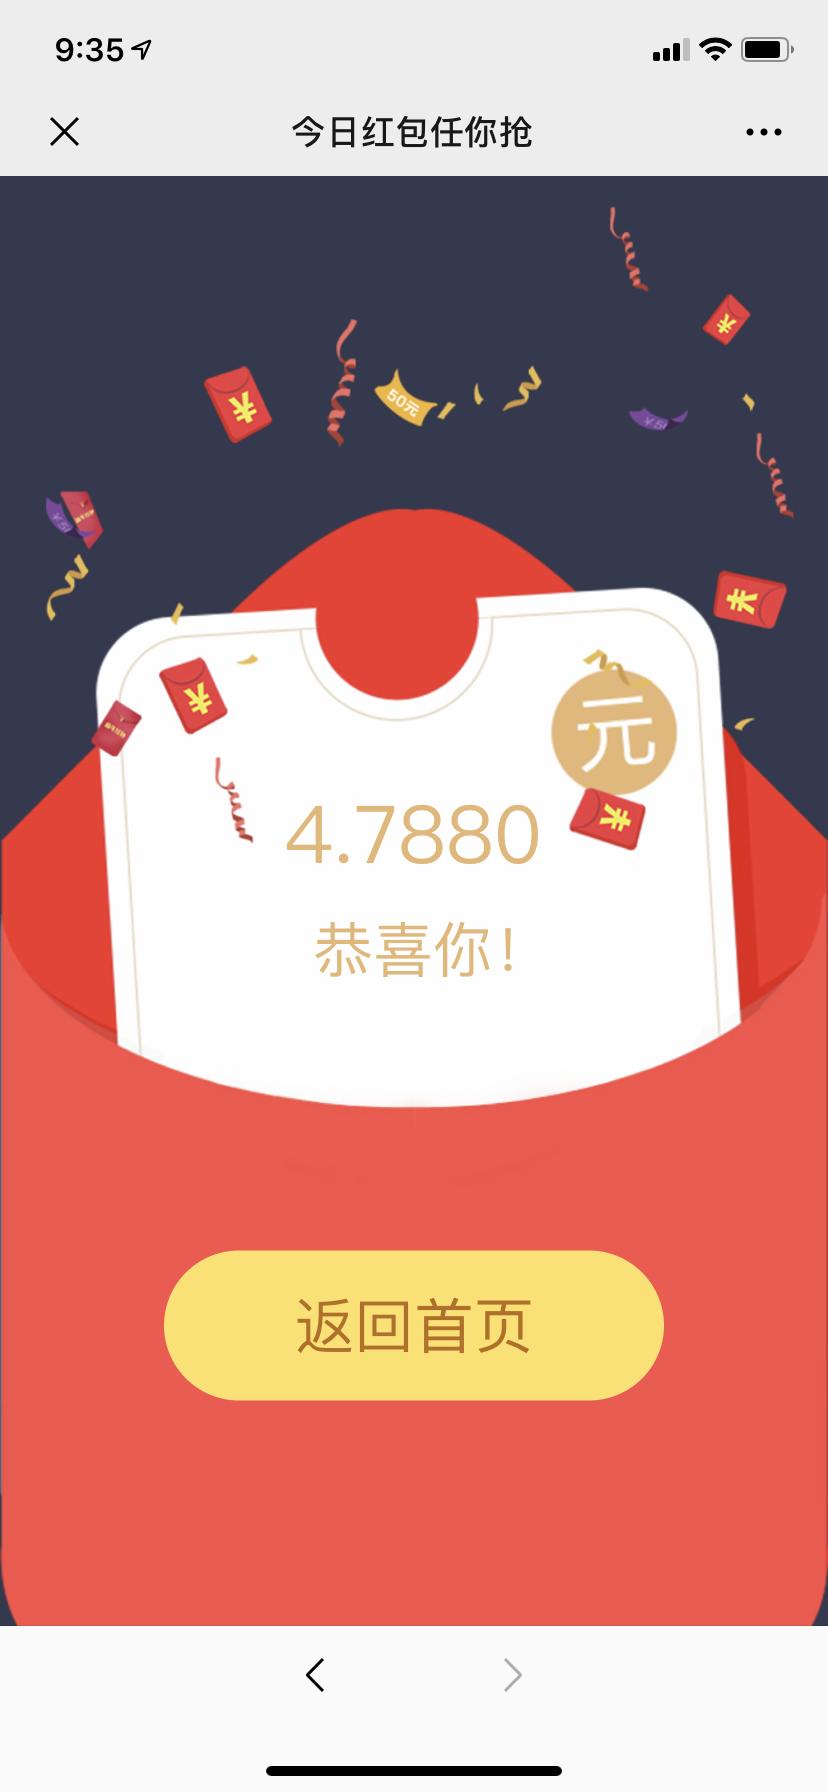 《微信0撸十元以上暴力项目【永恒...